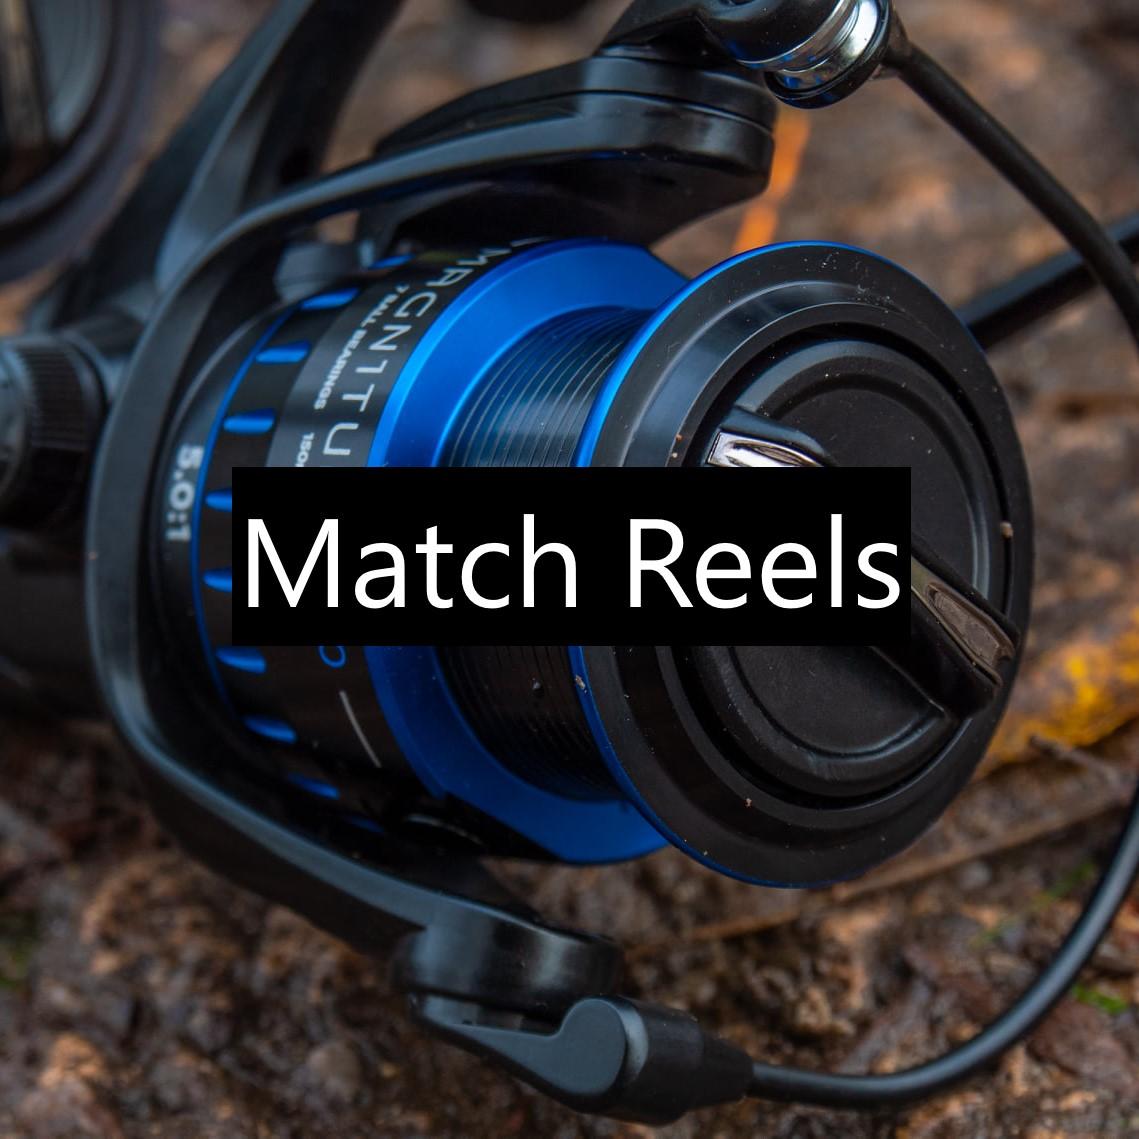 Match Reels